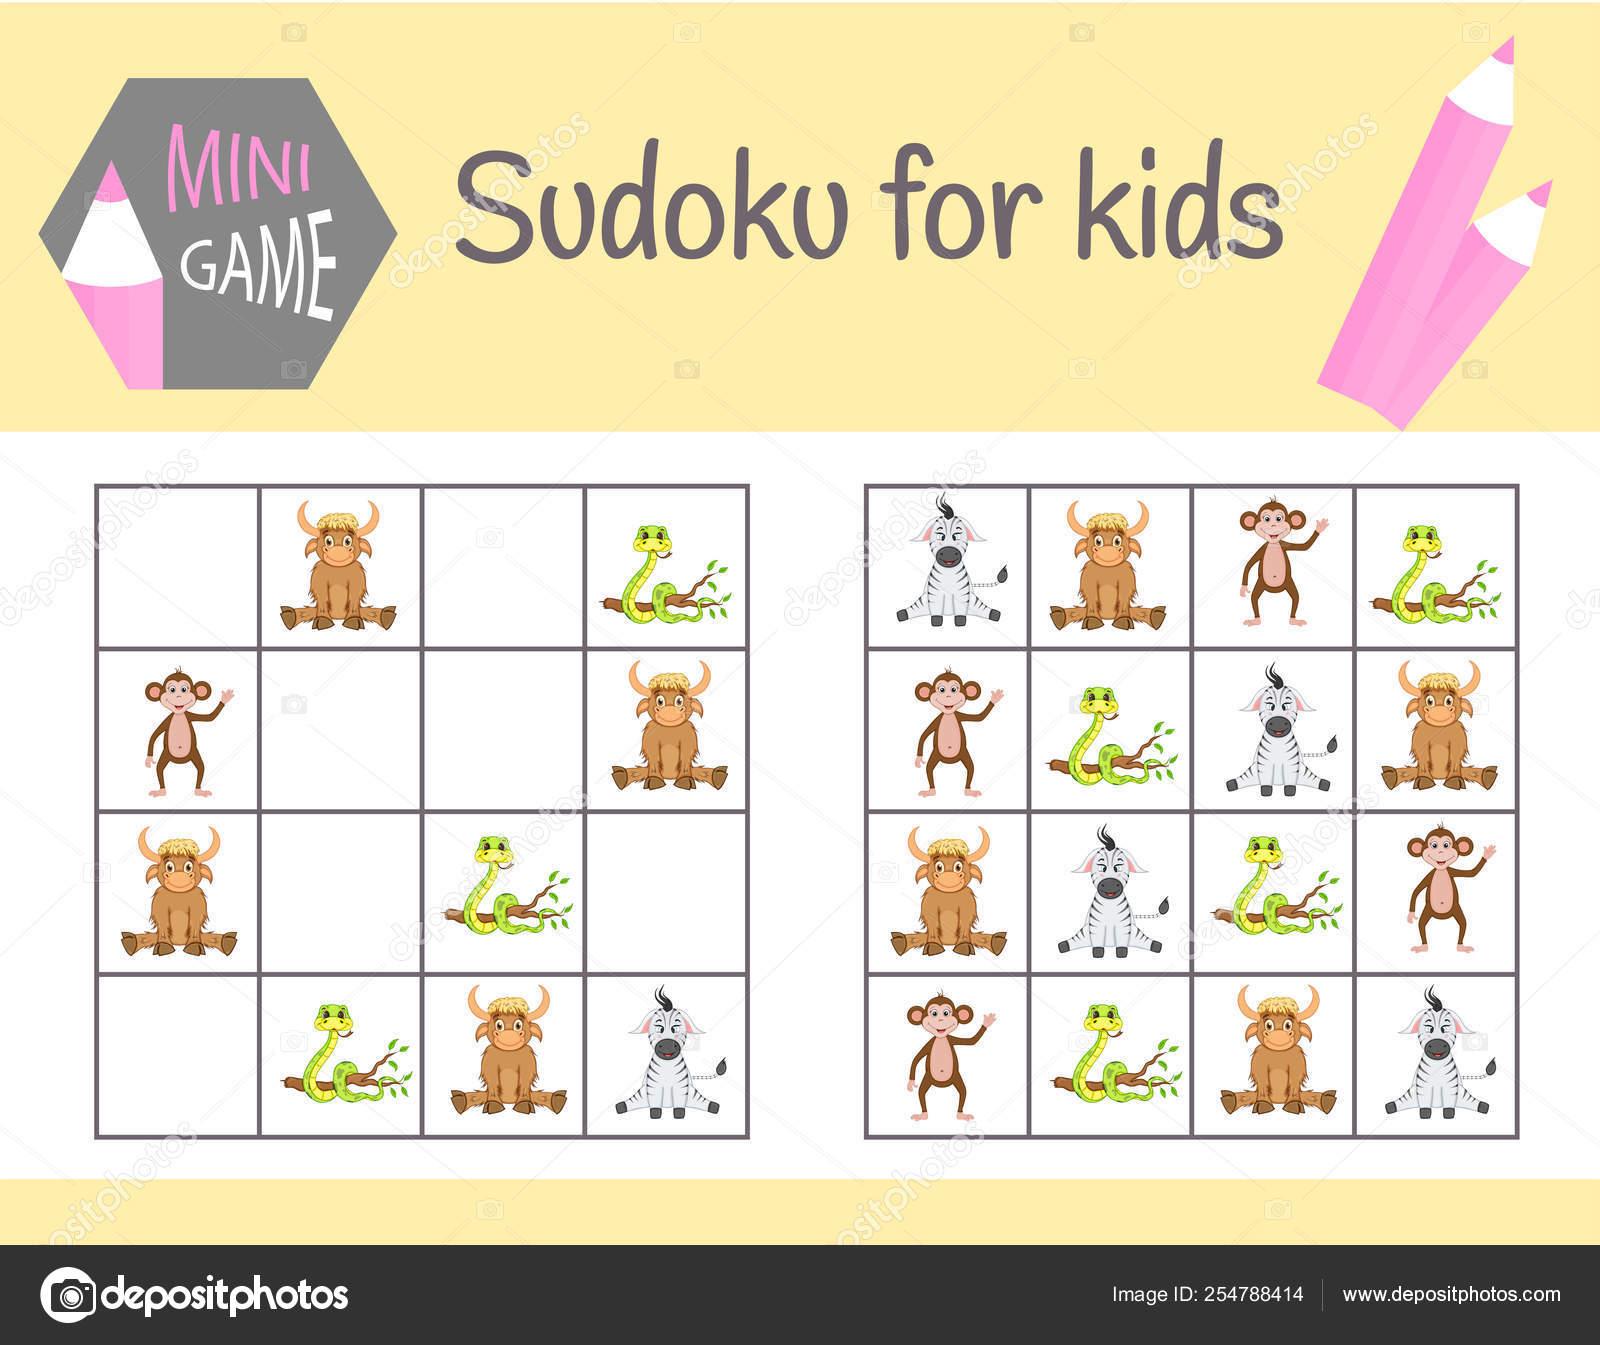 Sudoku Jeu Pour Les Enfants Avec Des Images Et Des Animaux pour Sudoku Pour Enfant